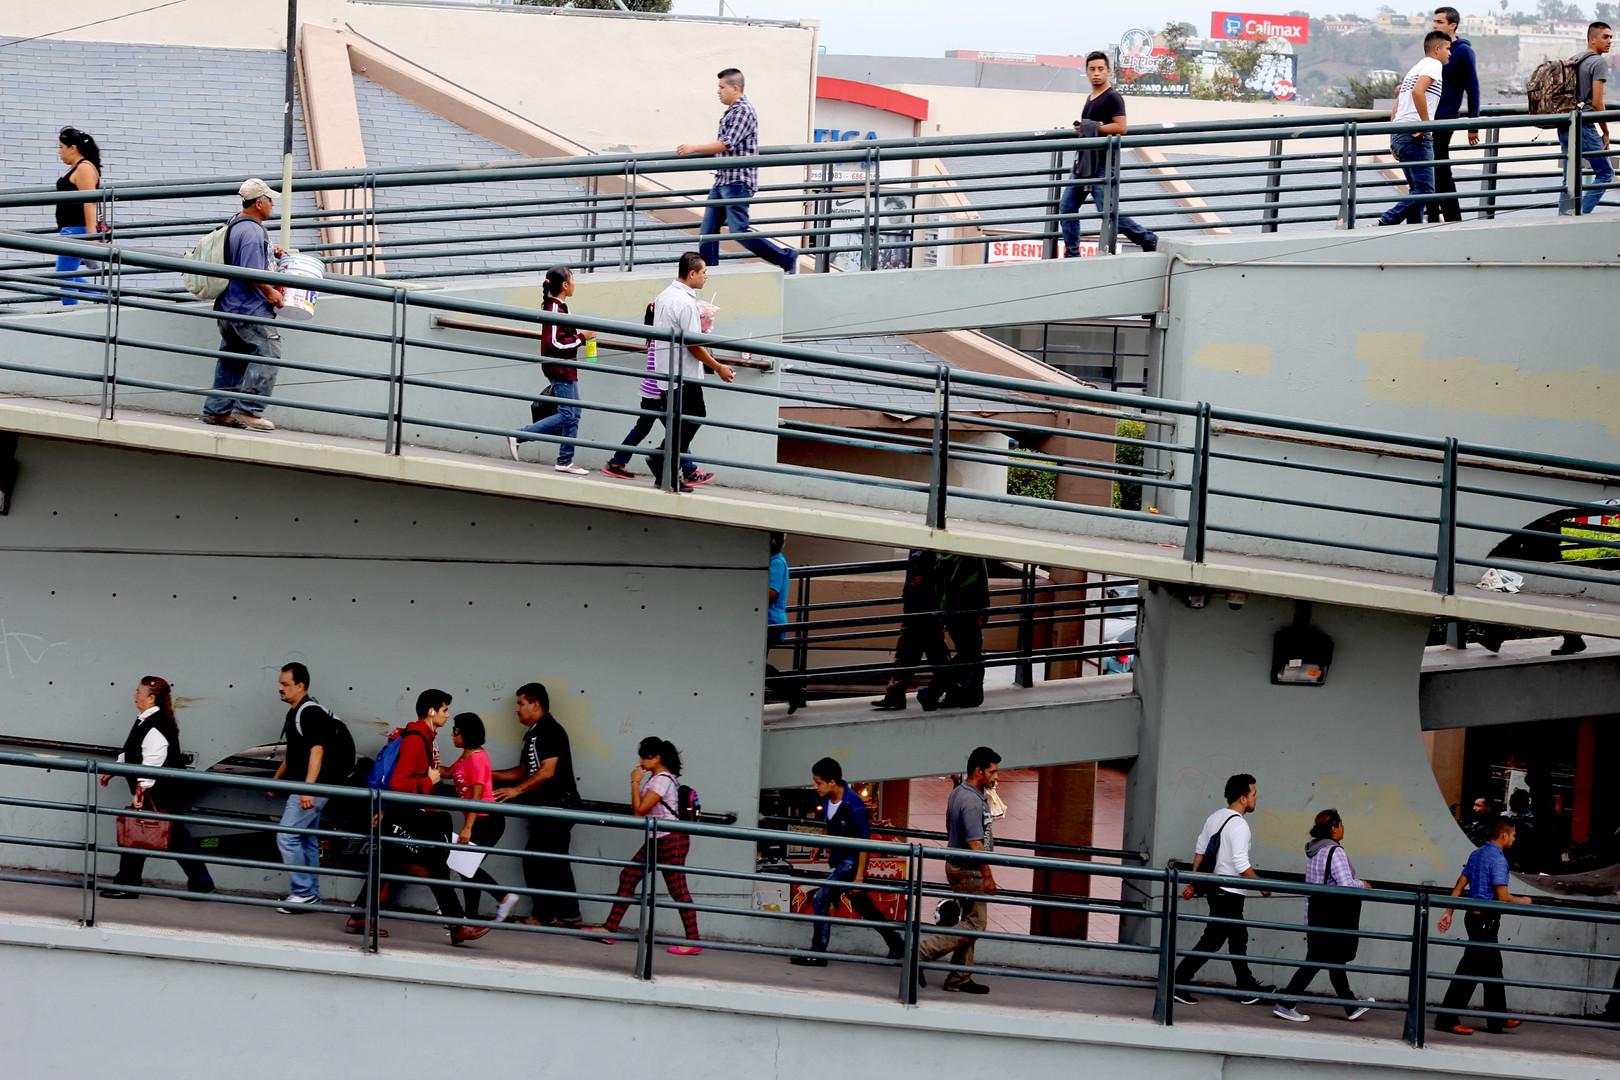 Daily life in Tijuana, Mexico